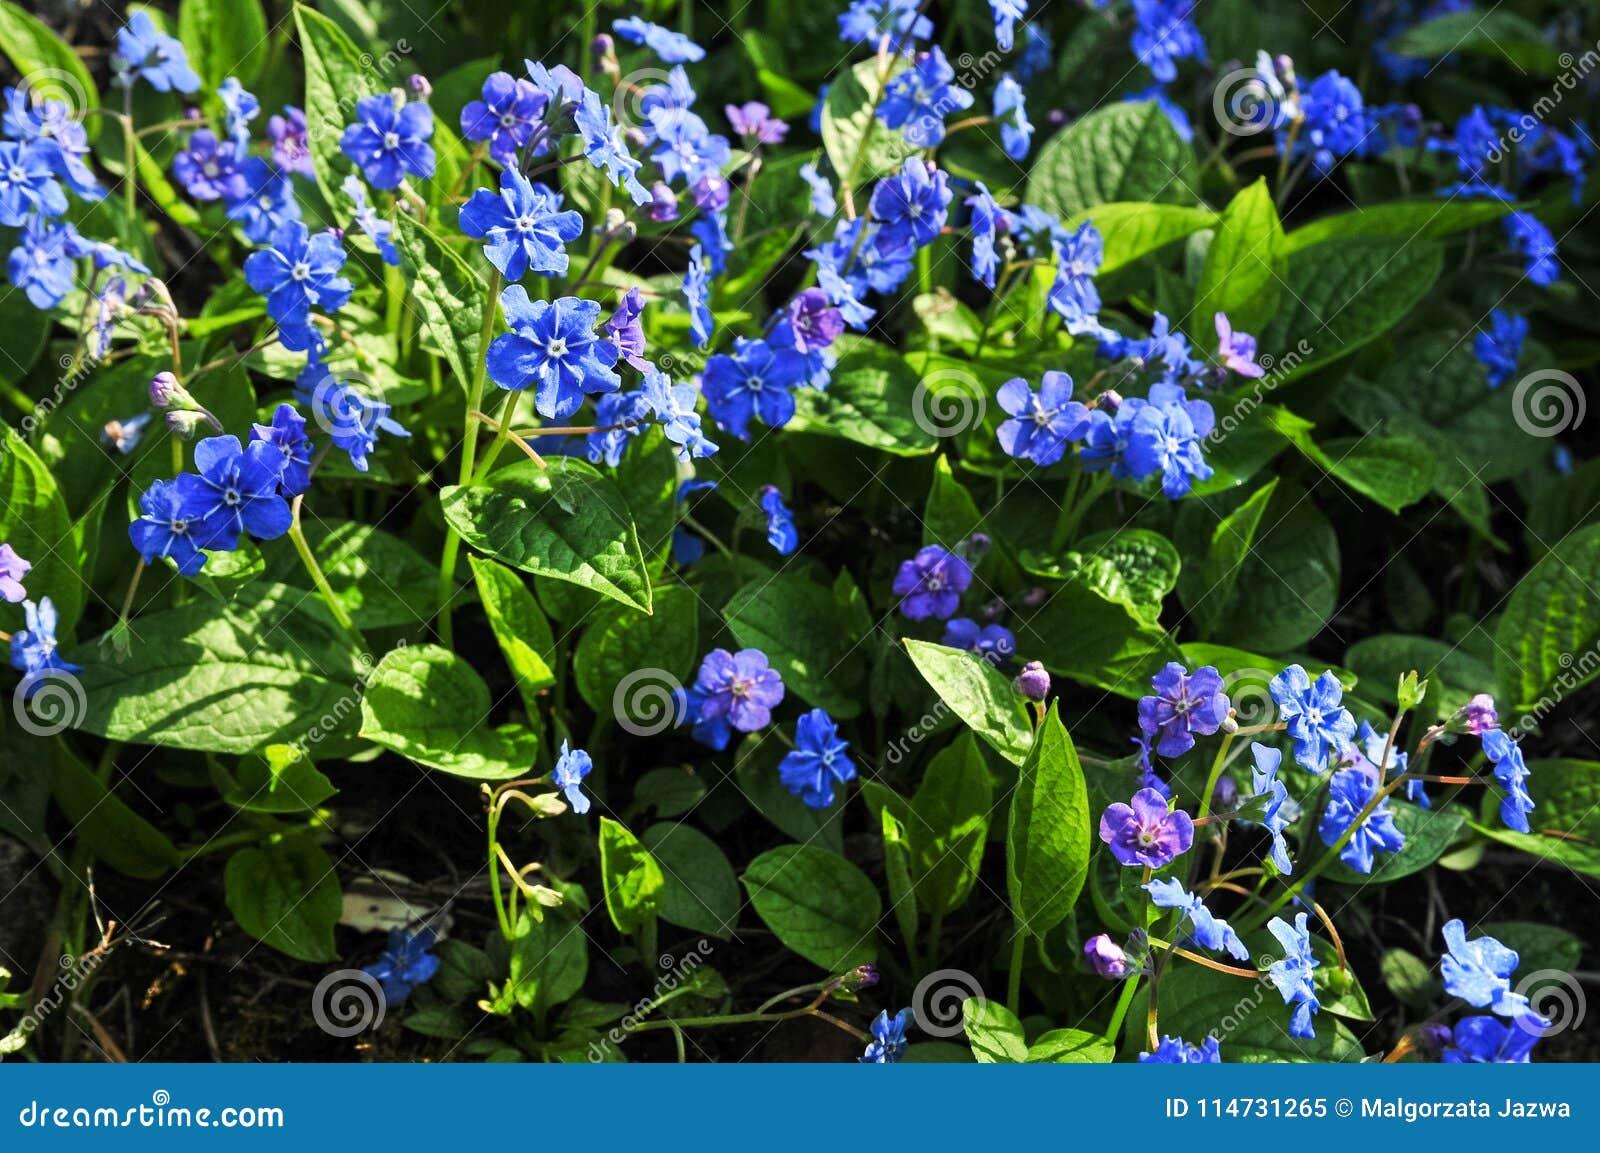 Omphalodes verna common names creeping navelwort or blue eyed mary omphalodes verna common names creeping navelwort or blue eyed mary izmirmasajfo